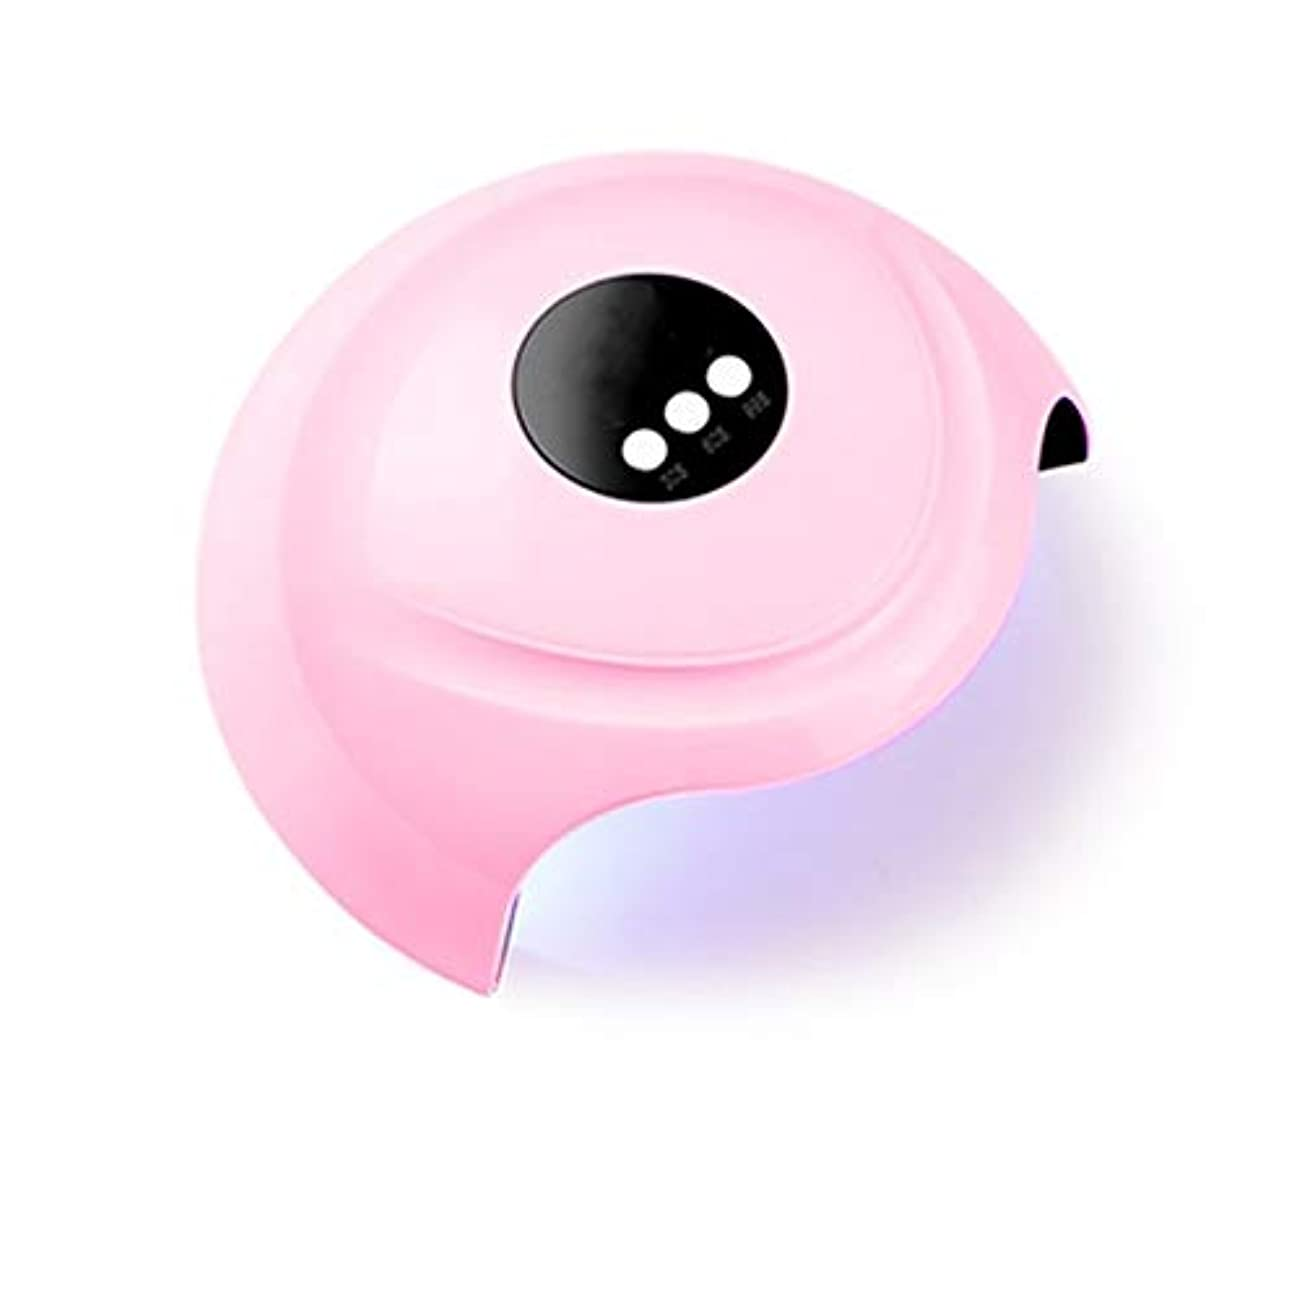 切断するキャッチかるLittleCat スマートセンサ36WランプLED / UVライトセラピーランプ3ギヤ自動時限ヒートランプUSBポーランドガムネイル (色 : Pink sensorless LCD)